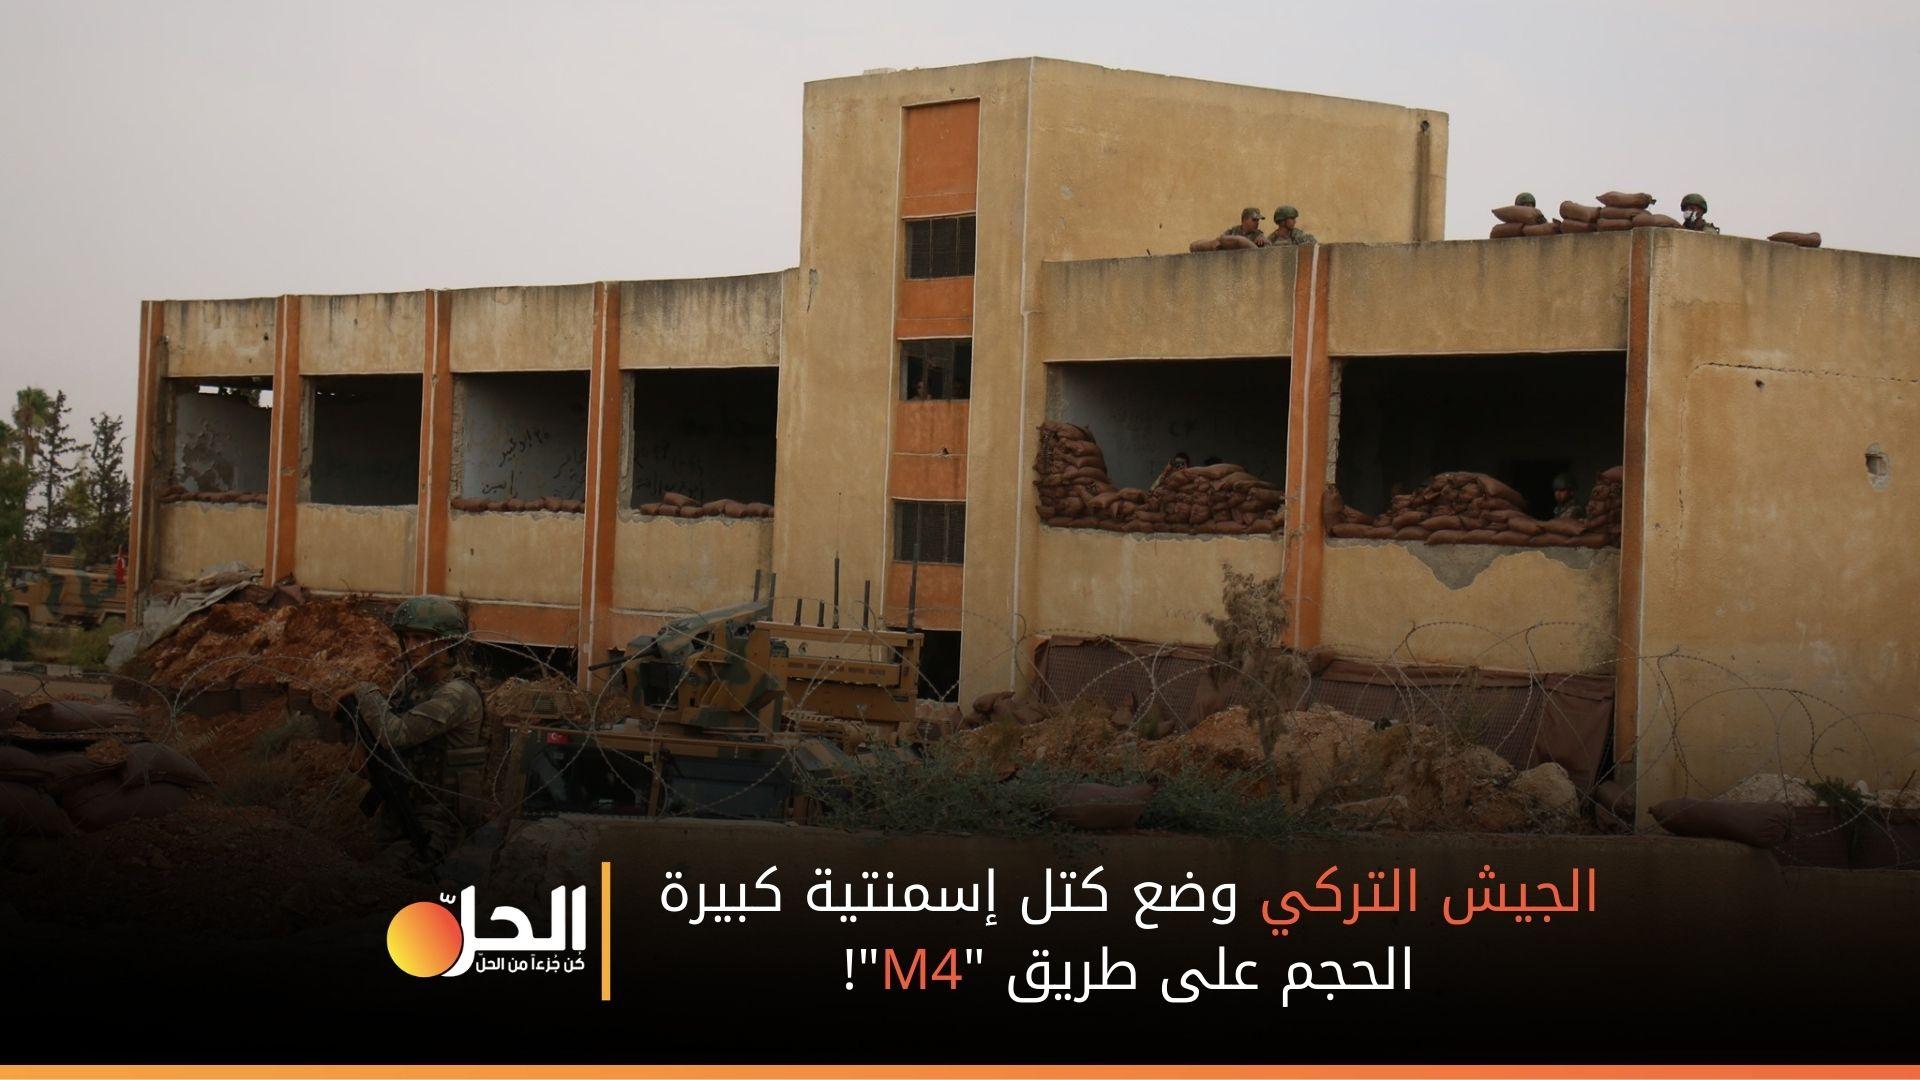 «الجيش التركي» يخفي إحدى نقاطه شرقي إدلب خوفاً من استهدافها من «الحكومة السوريّة»